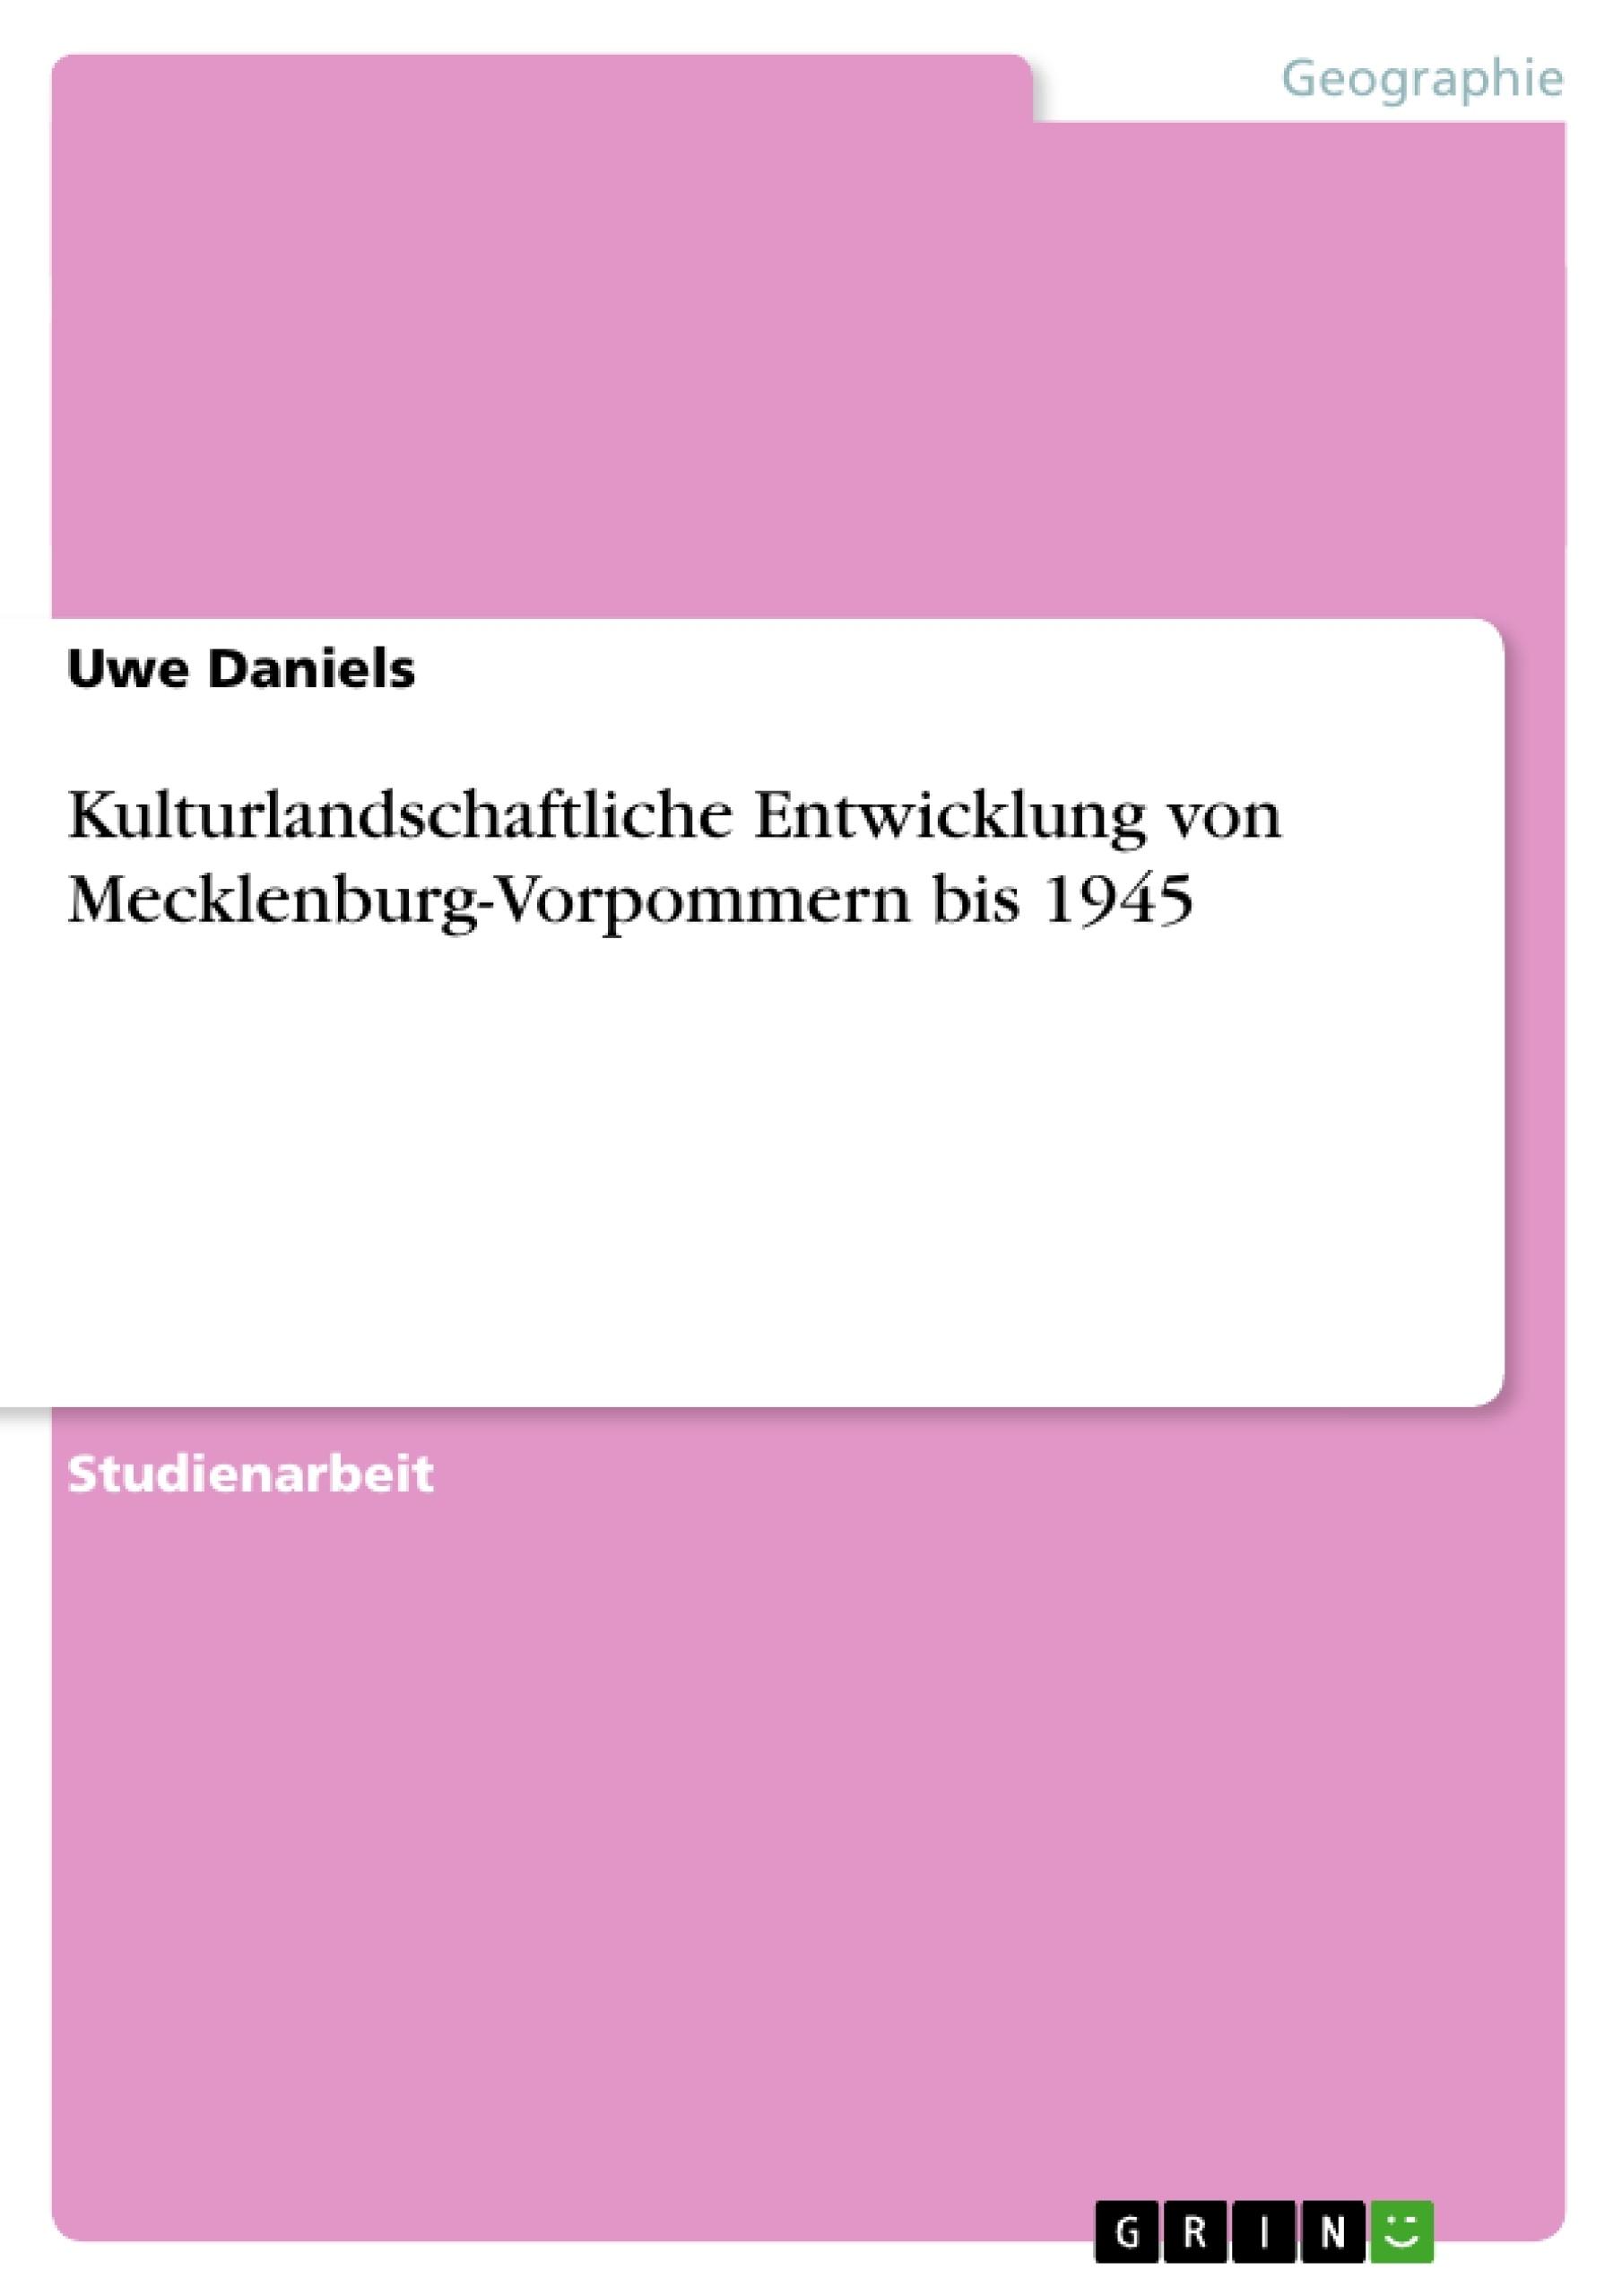 Titel: Kulturlandschaftliche Entwicklung von Mecklenburg-Vorpommern bis 1945